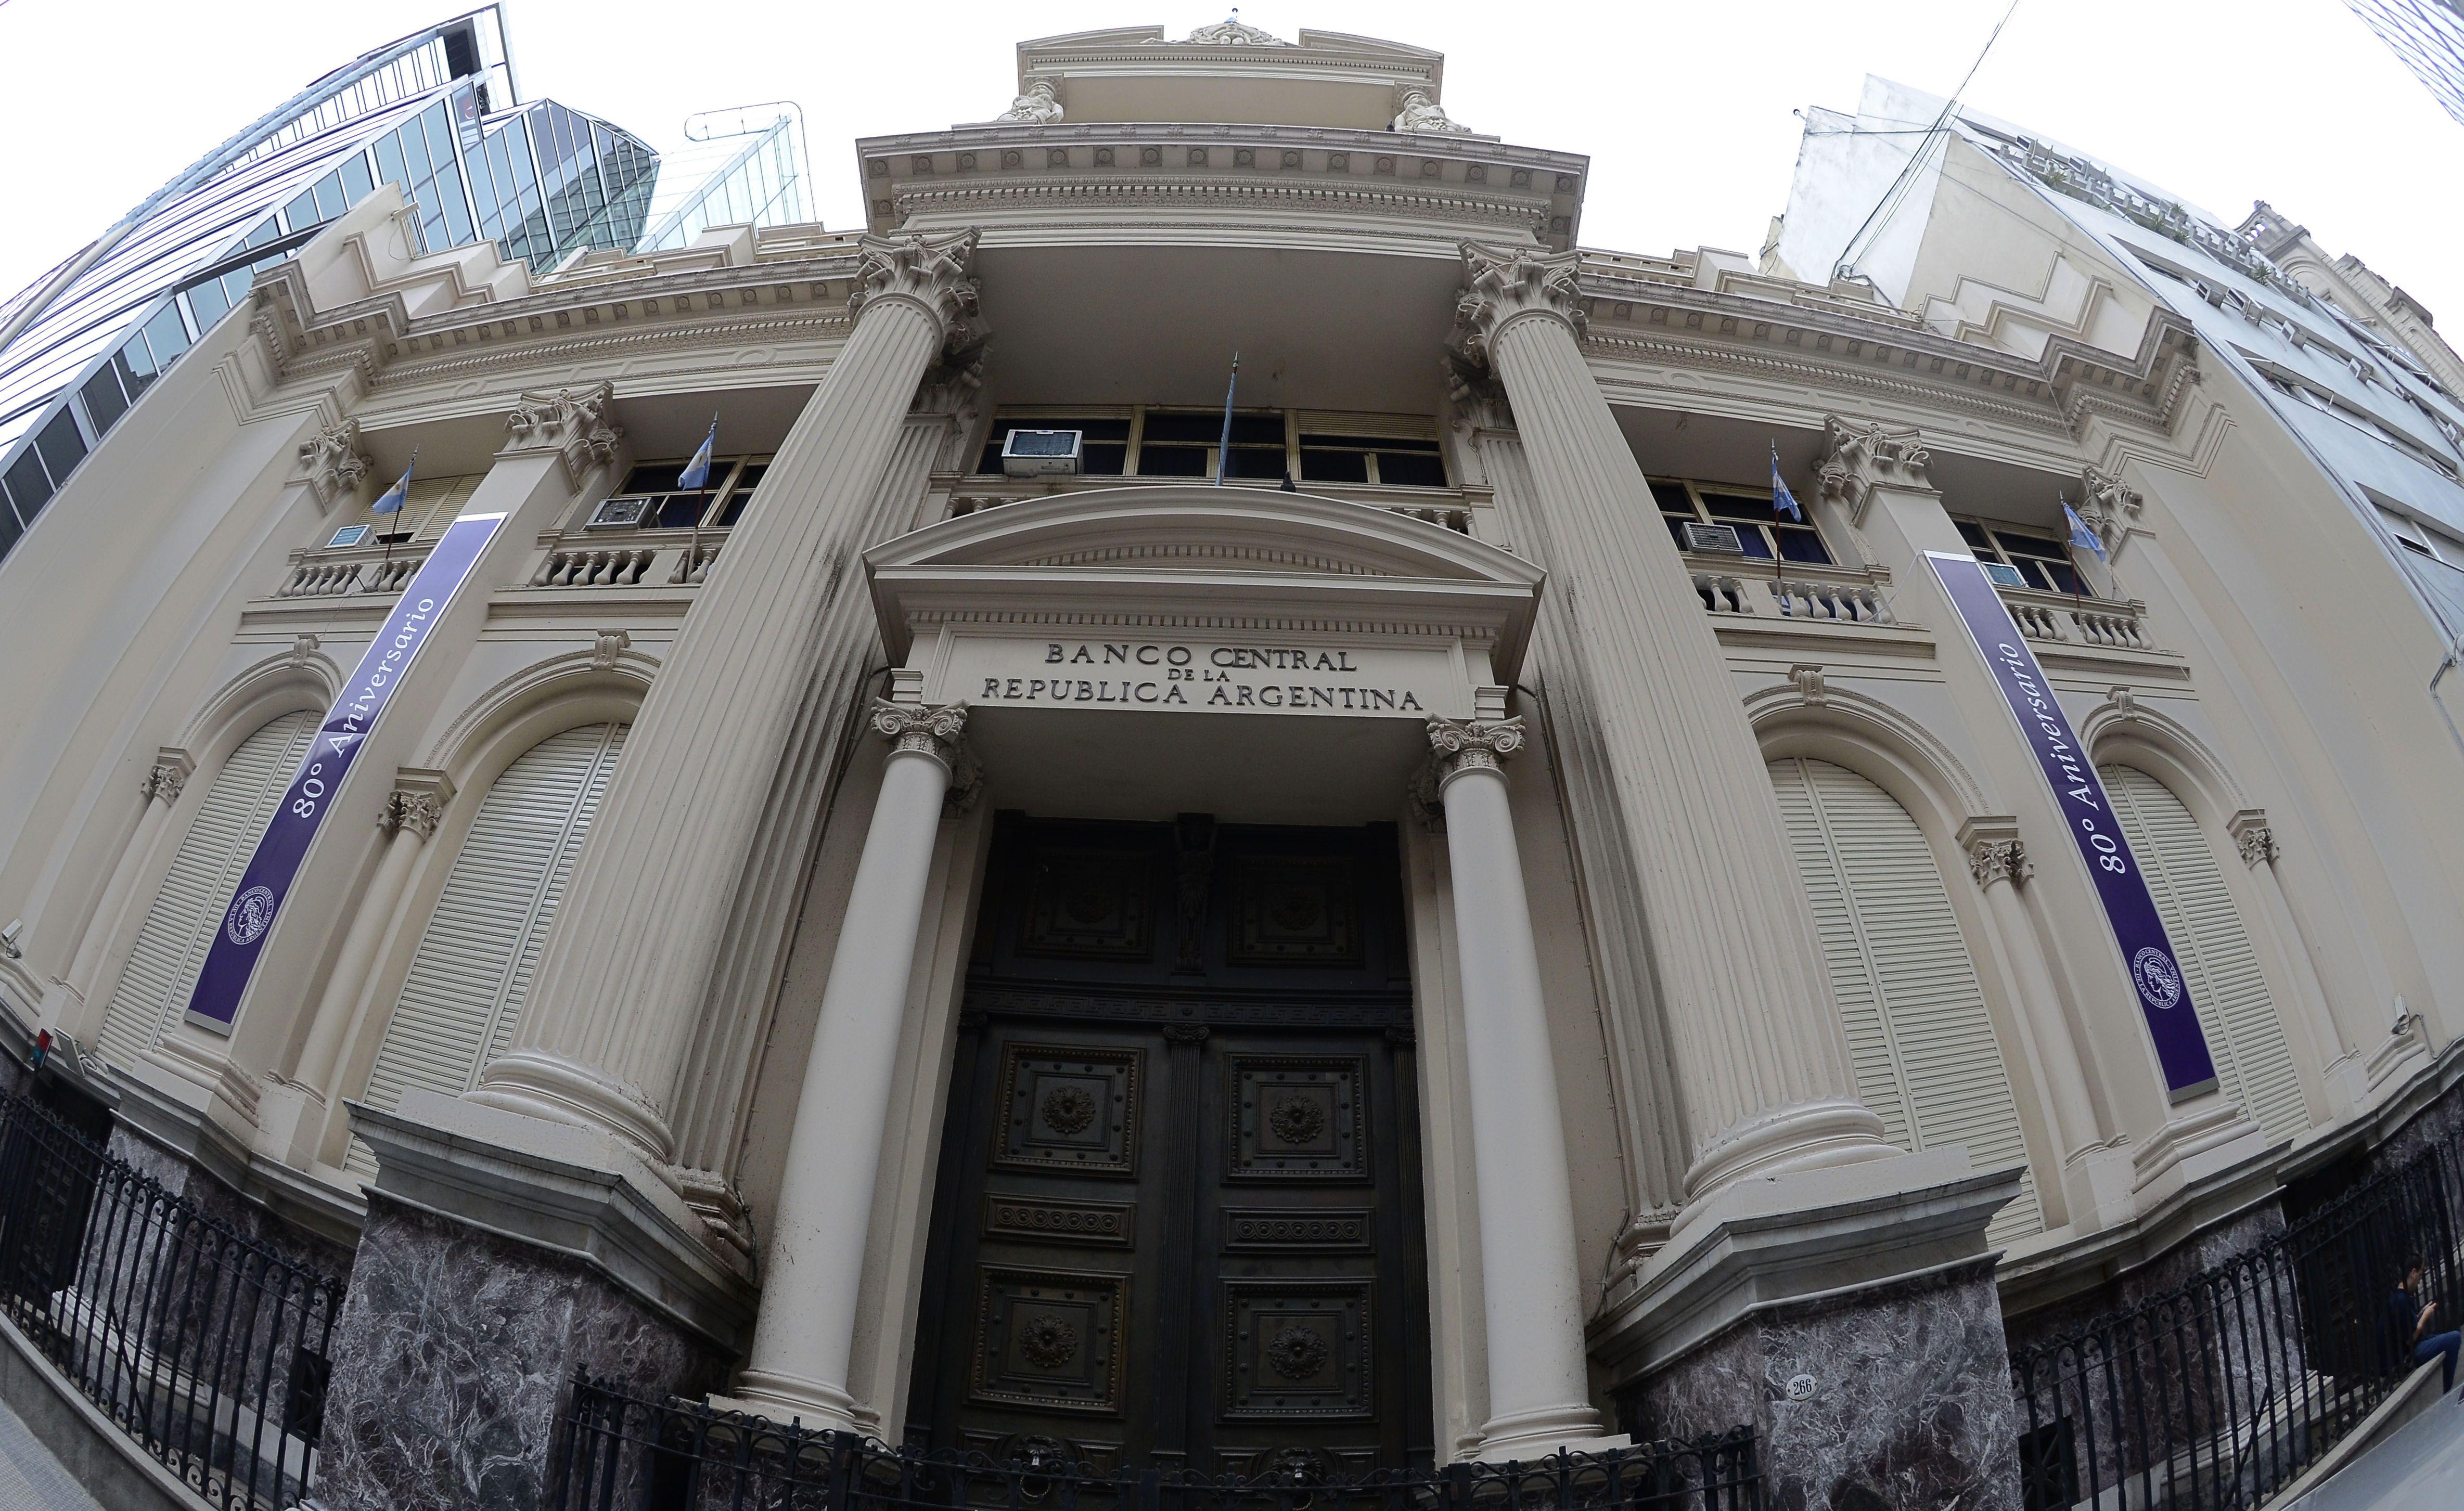 La nueva jugada del Banco Central para calmar a inversores y evitar otro súpermartes